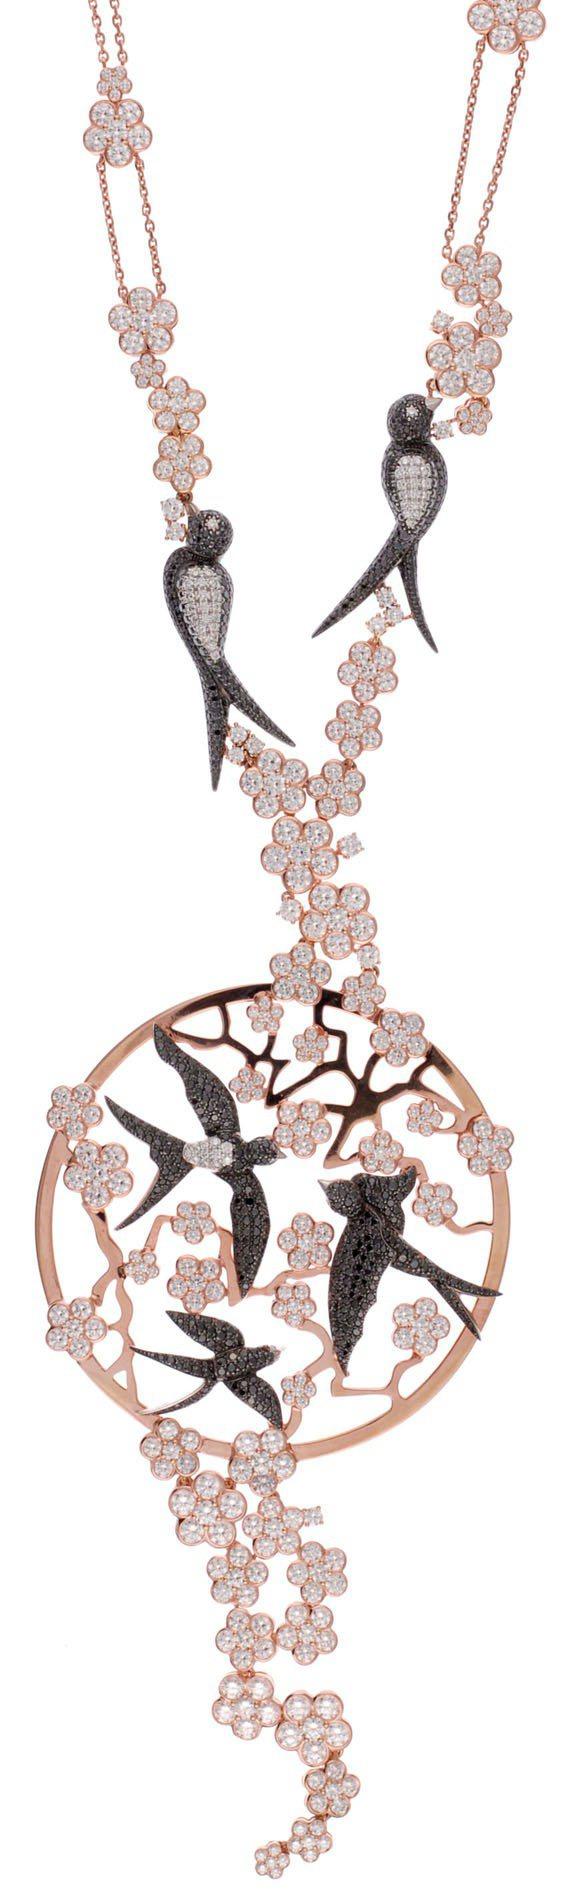 動物世界系列燕子項鍊,18K白金與玫瑰金鑲嵌696顆花式切割總重4.73克拉的黑...